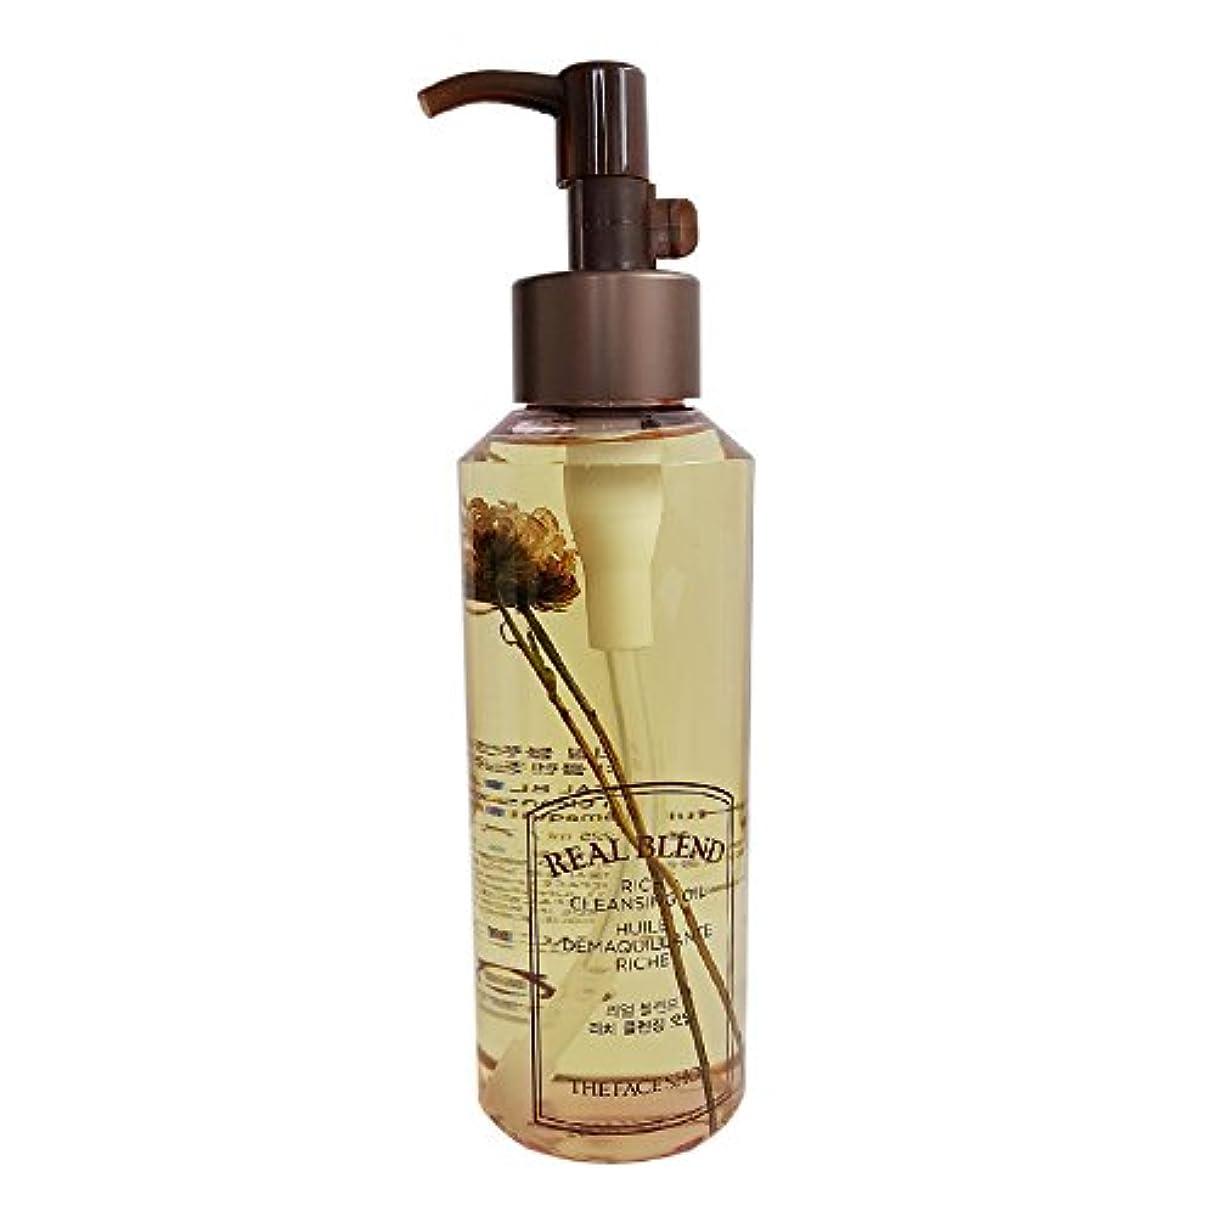 [ザ·フェイスショップ]The Face Shop リアルブランド リッチクレンジングオイル (225ml) The Face Shop Real Blend Rich Cleansing Oil(225ml) [海外直送品]